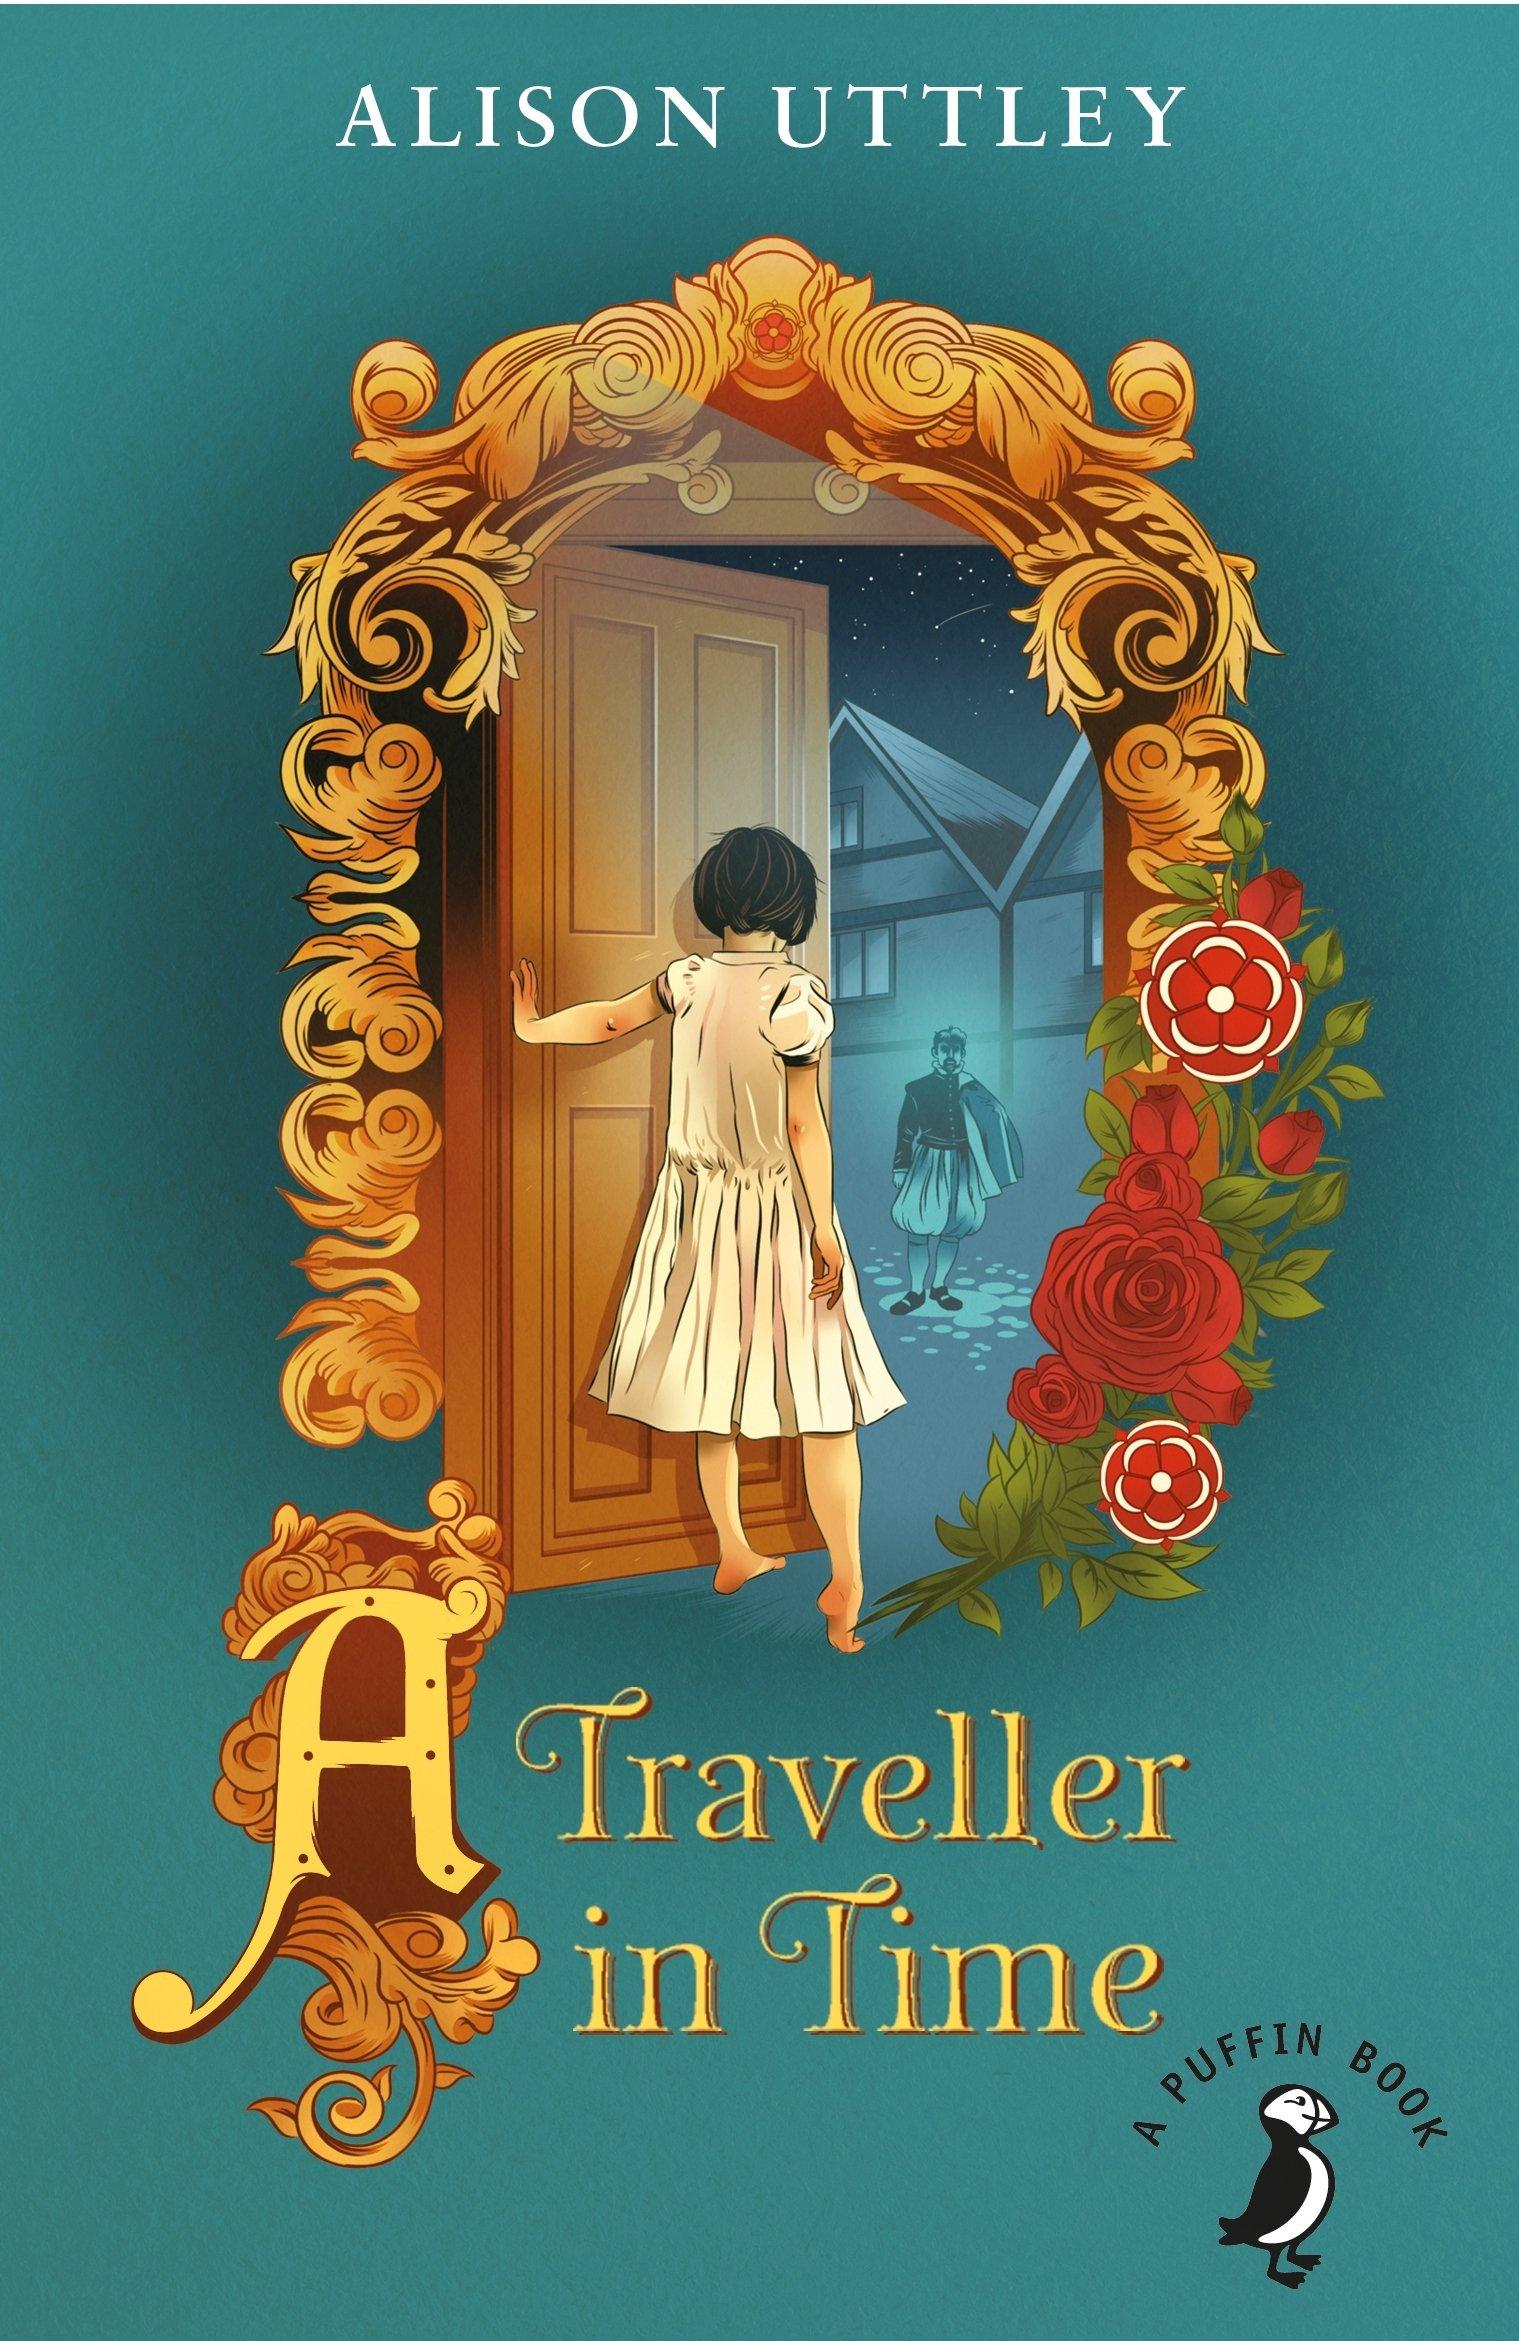 A Traveller In Time (A Puffin Book) [Idioma Inglés]: Amazon.es: Uttley, Alison: Libros en idiomas extranjeros